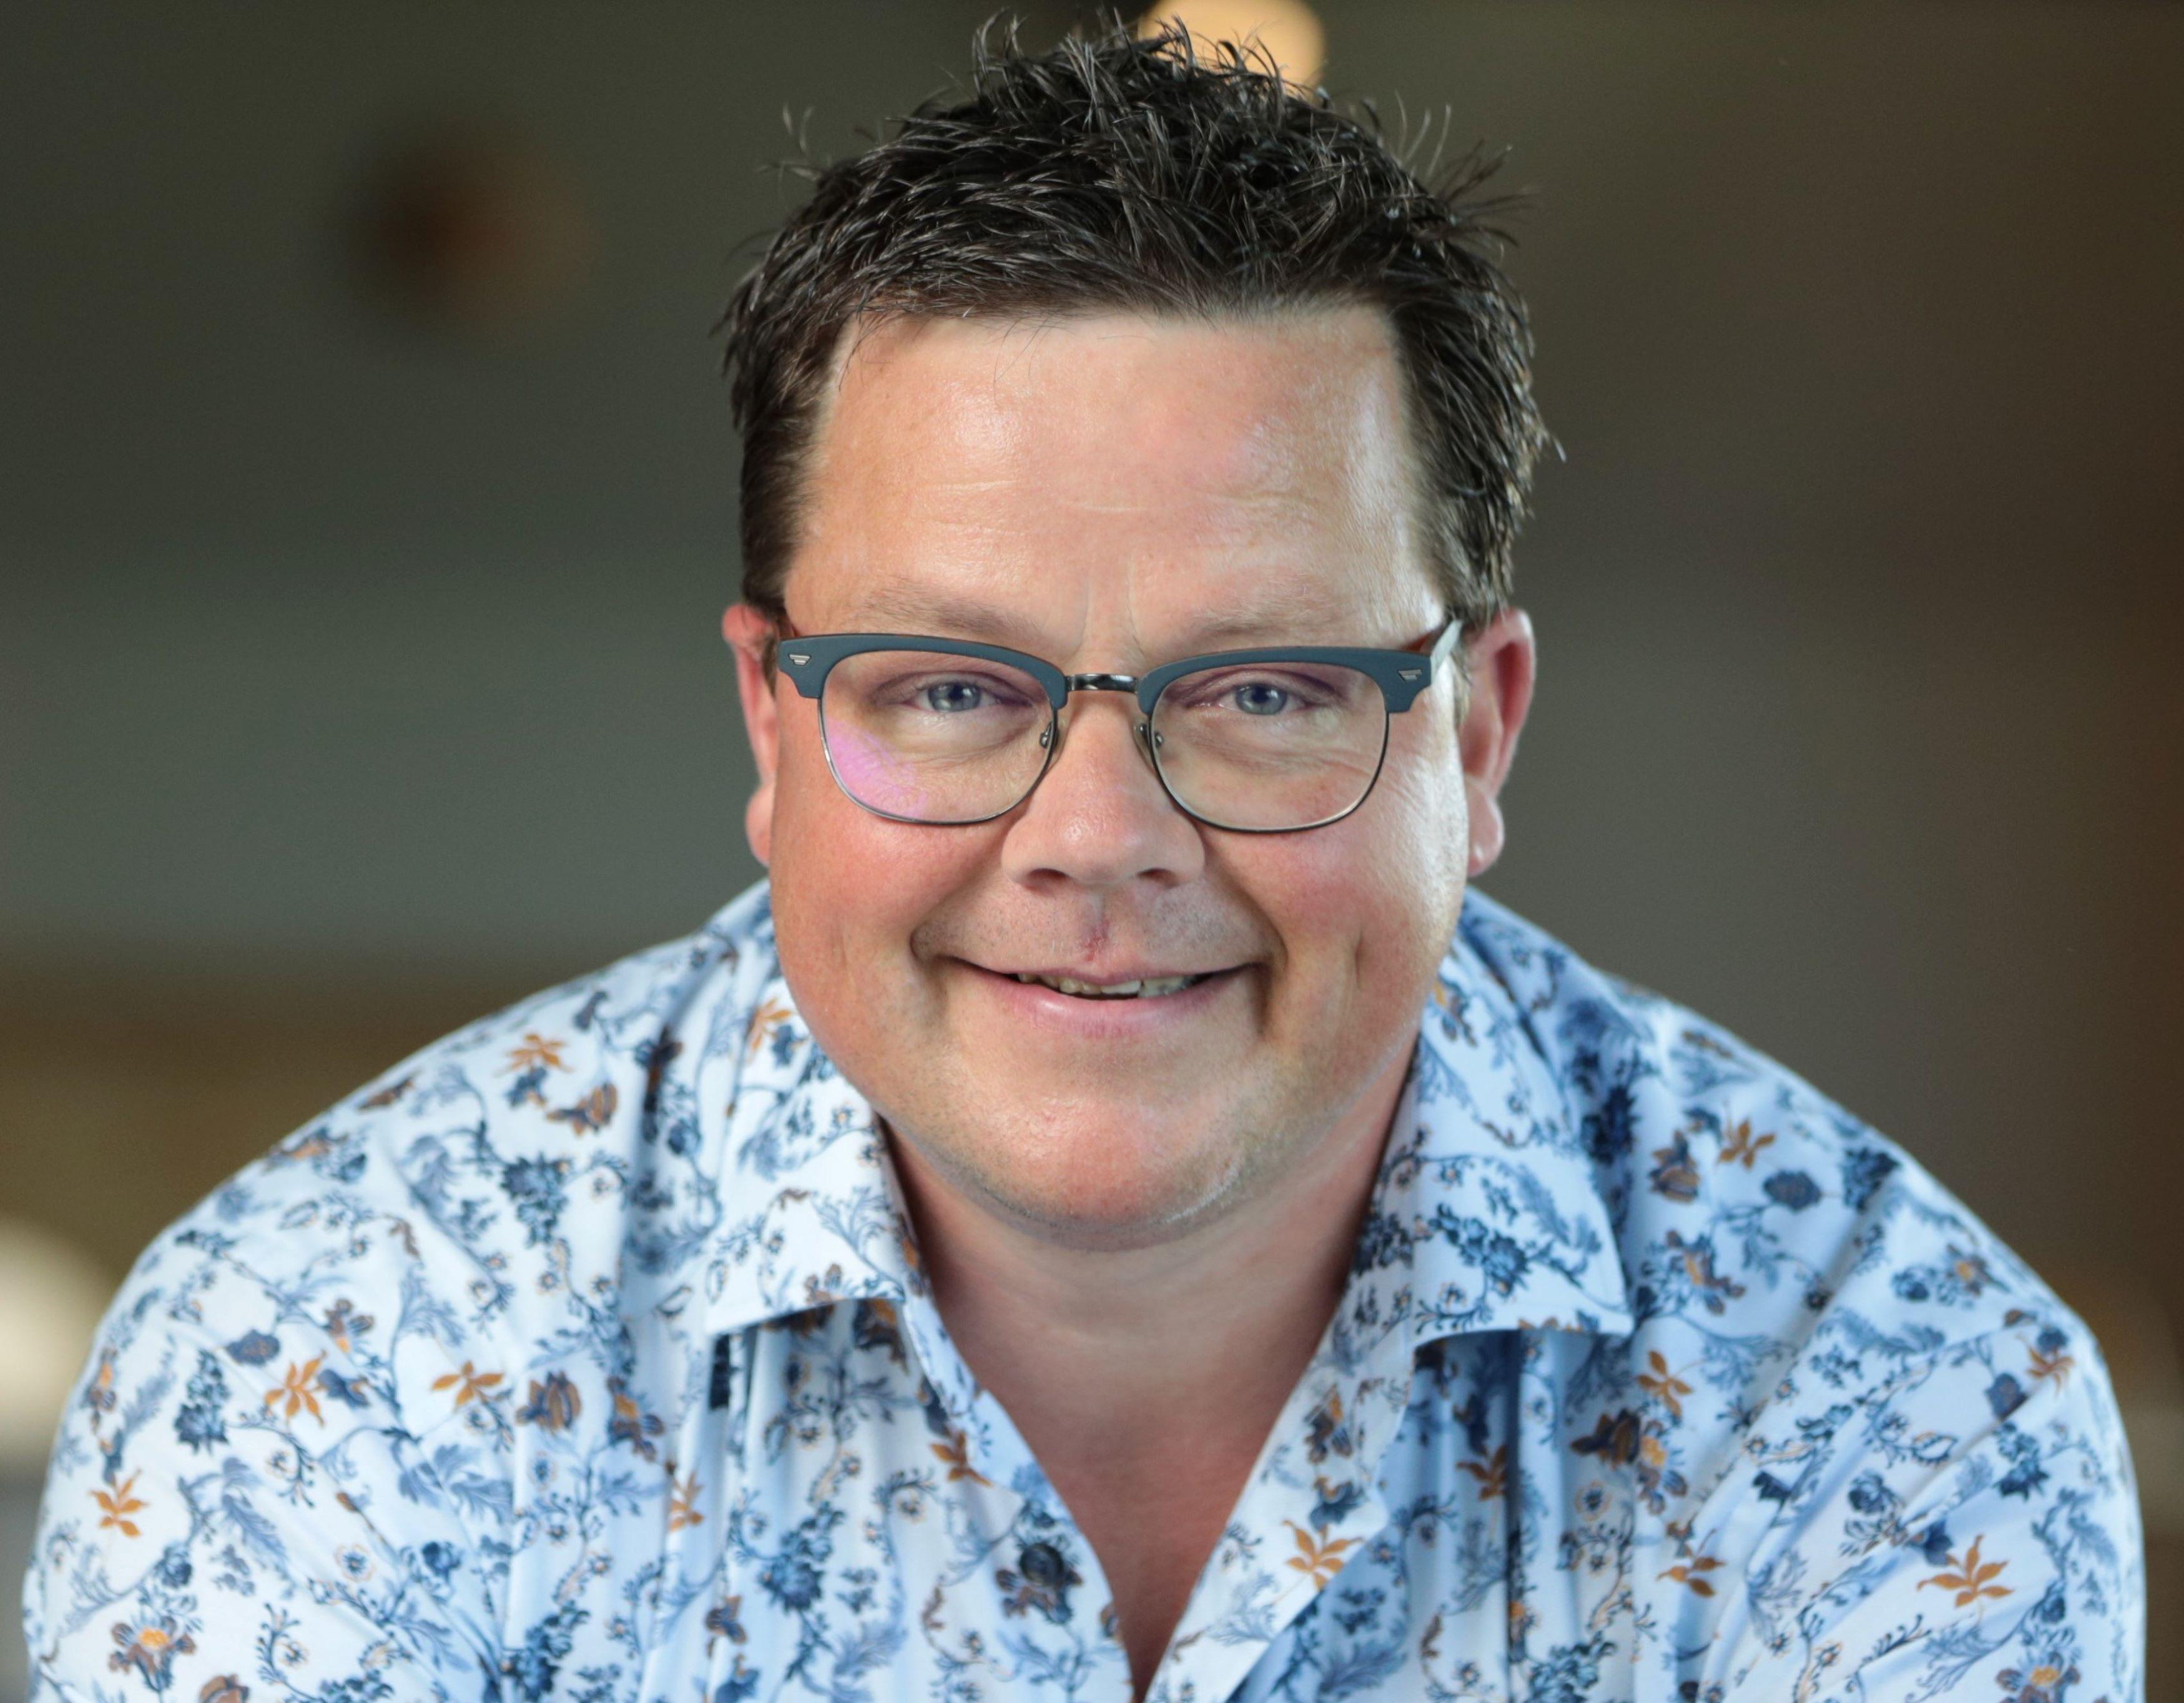 Johan Paul de Groot, fractievoorzitter ChristenUnie en oud-wethouder Wieringermeer, verhuist naar Ermelo